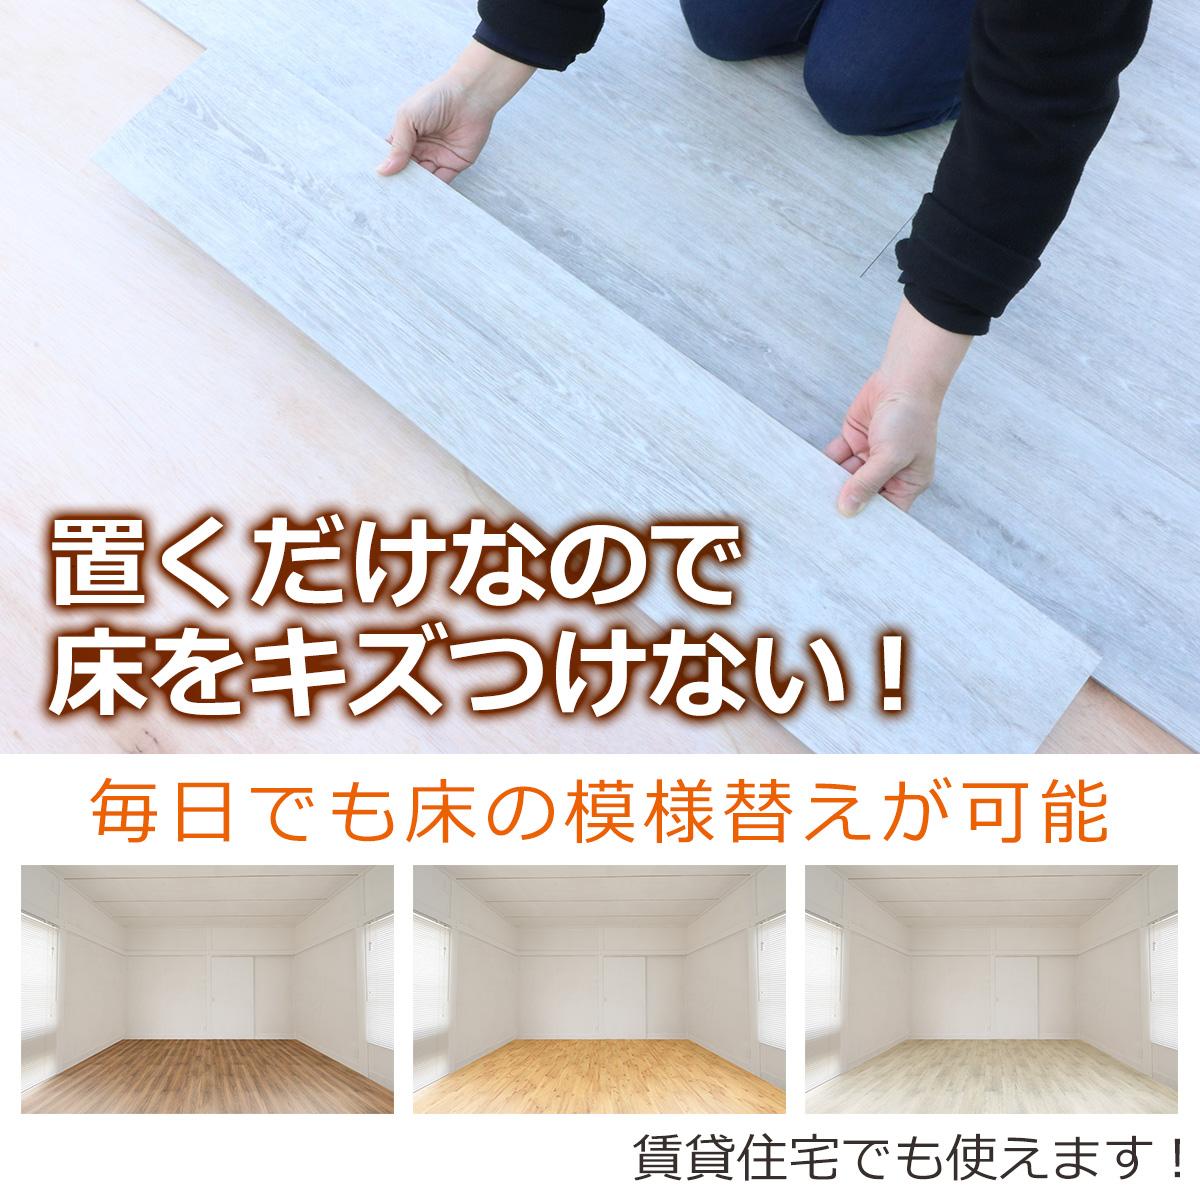 置くだけなので床をキズつけない!毎日でも床の模様替えが可能 賃貸住宅でも使えます